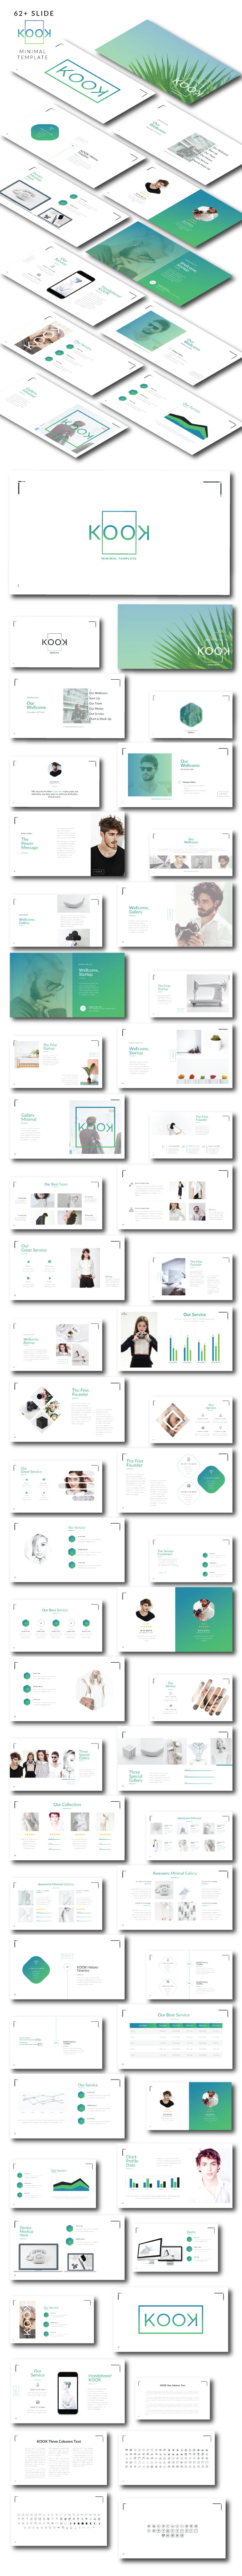 KOOK - Minimal Google Slide - Google Slides Presentation Templates